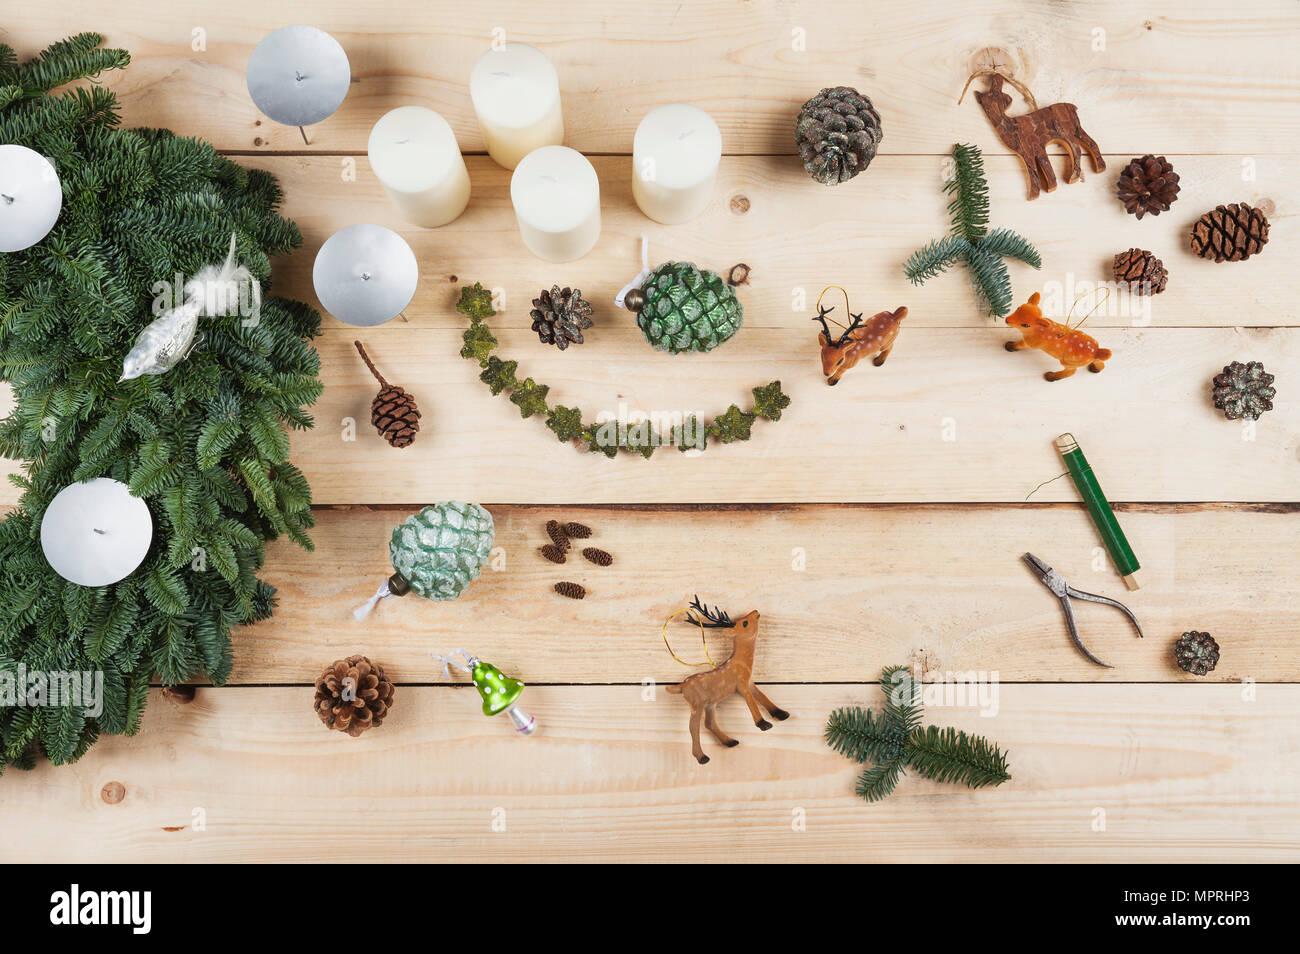 La guirlande d'articles de décoration, self-made-couronne de l'avent avec du vrai sapin vert, DIY, deer, cônes, des bougies, sur le fil, pinces Banque D'Images